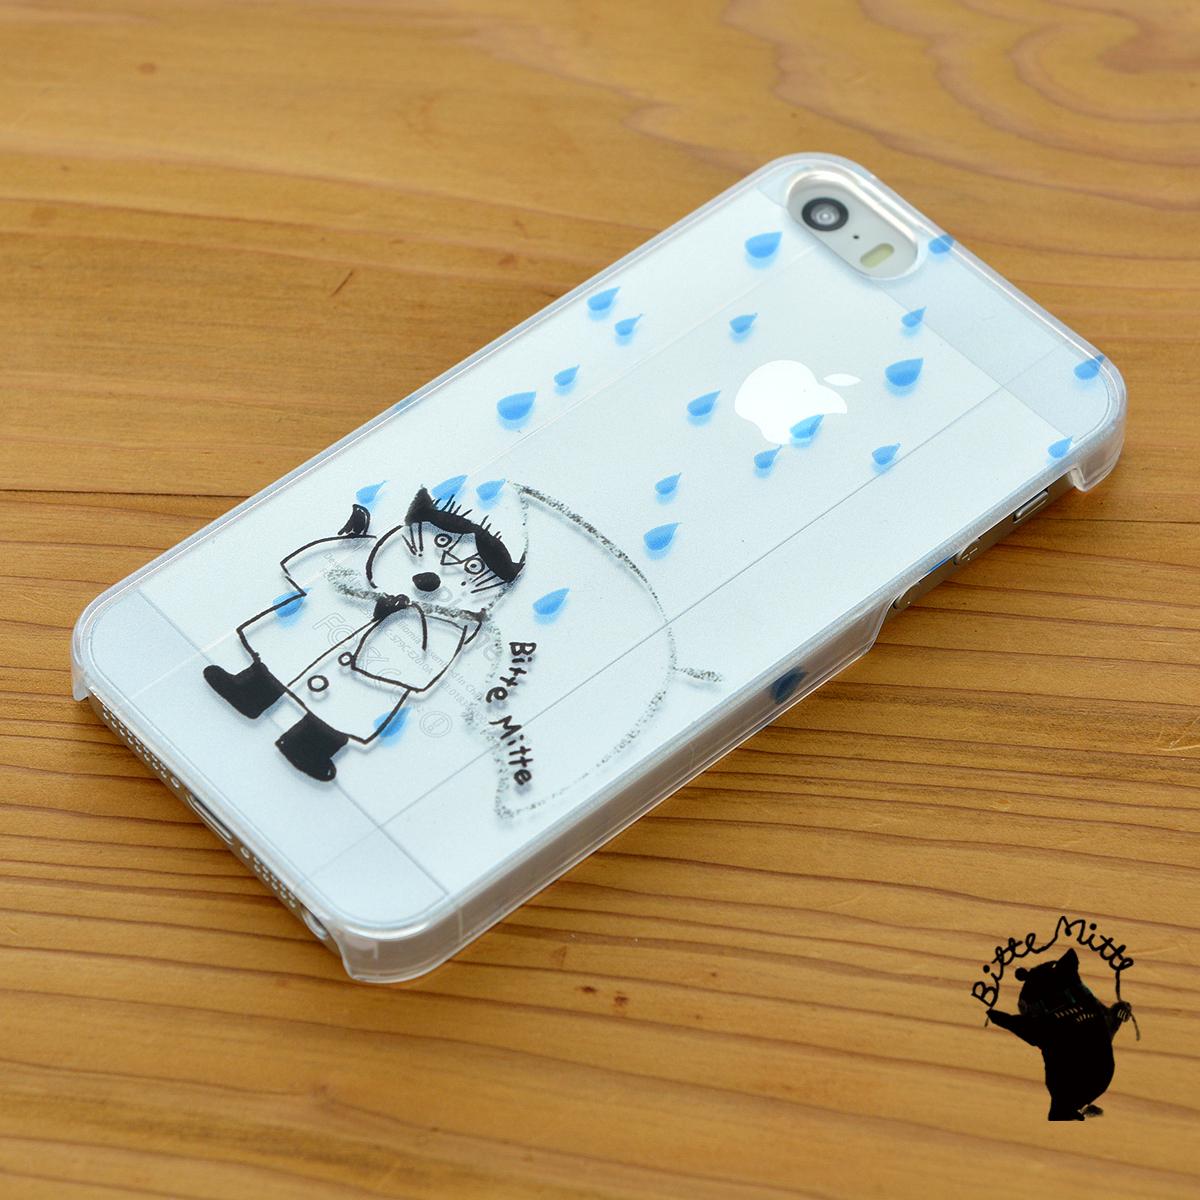 【限定色】アイフォンse ケース クリア iPhoneSE クリアケース キラキラ かわいい 猫 ねこ ネコ 雨の中/Bitte Mitte!